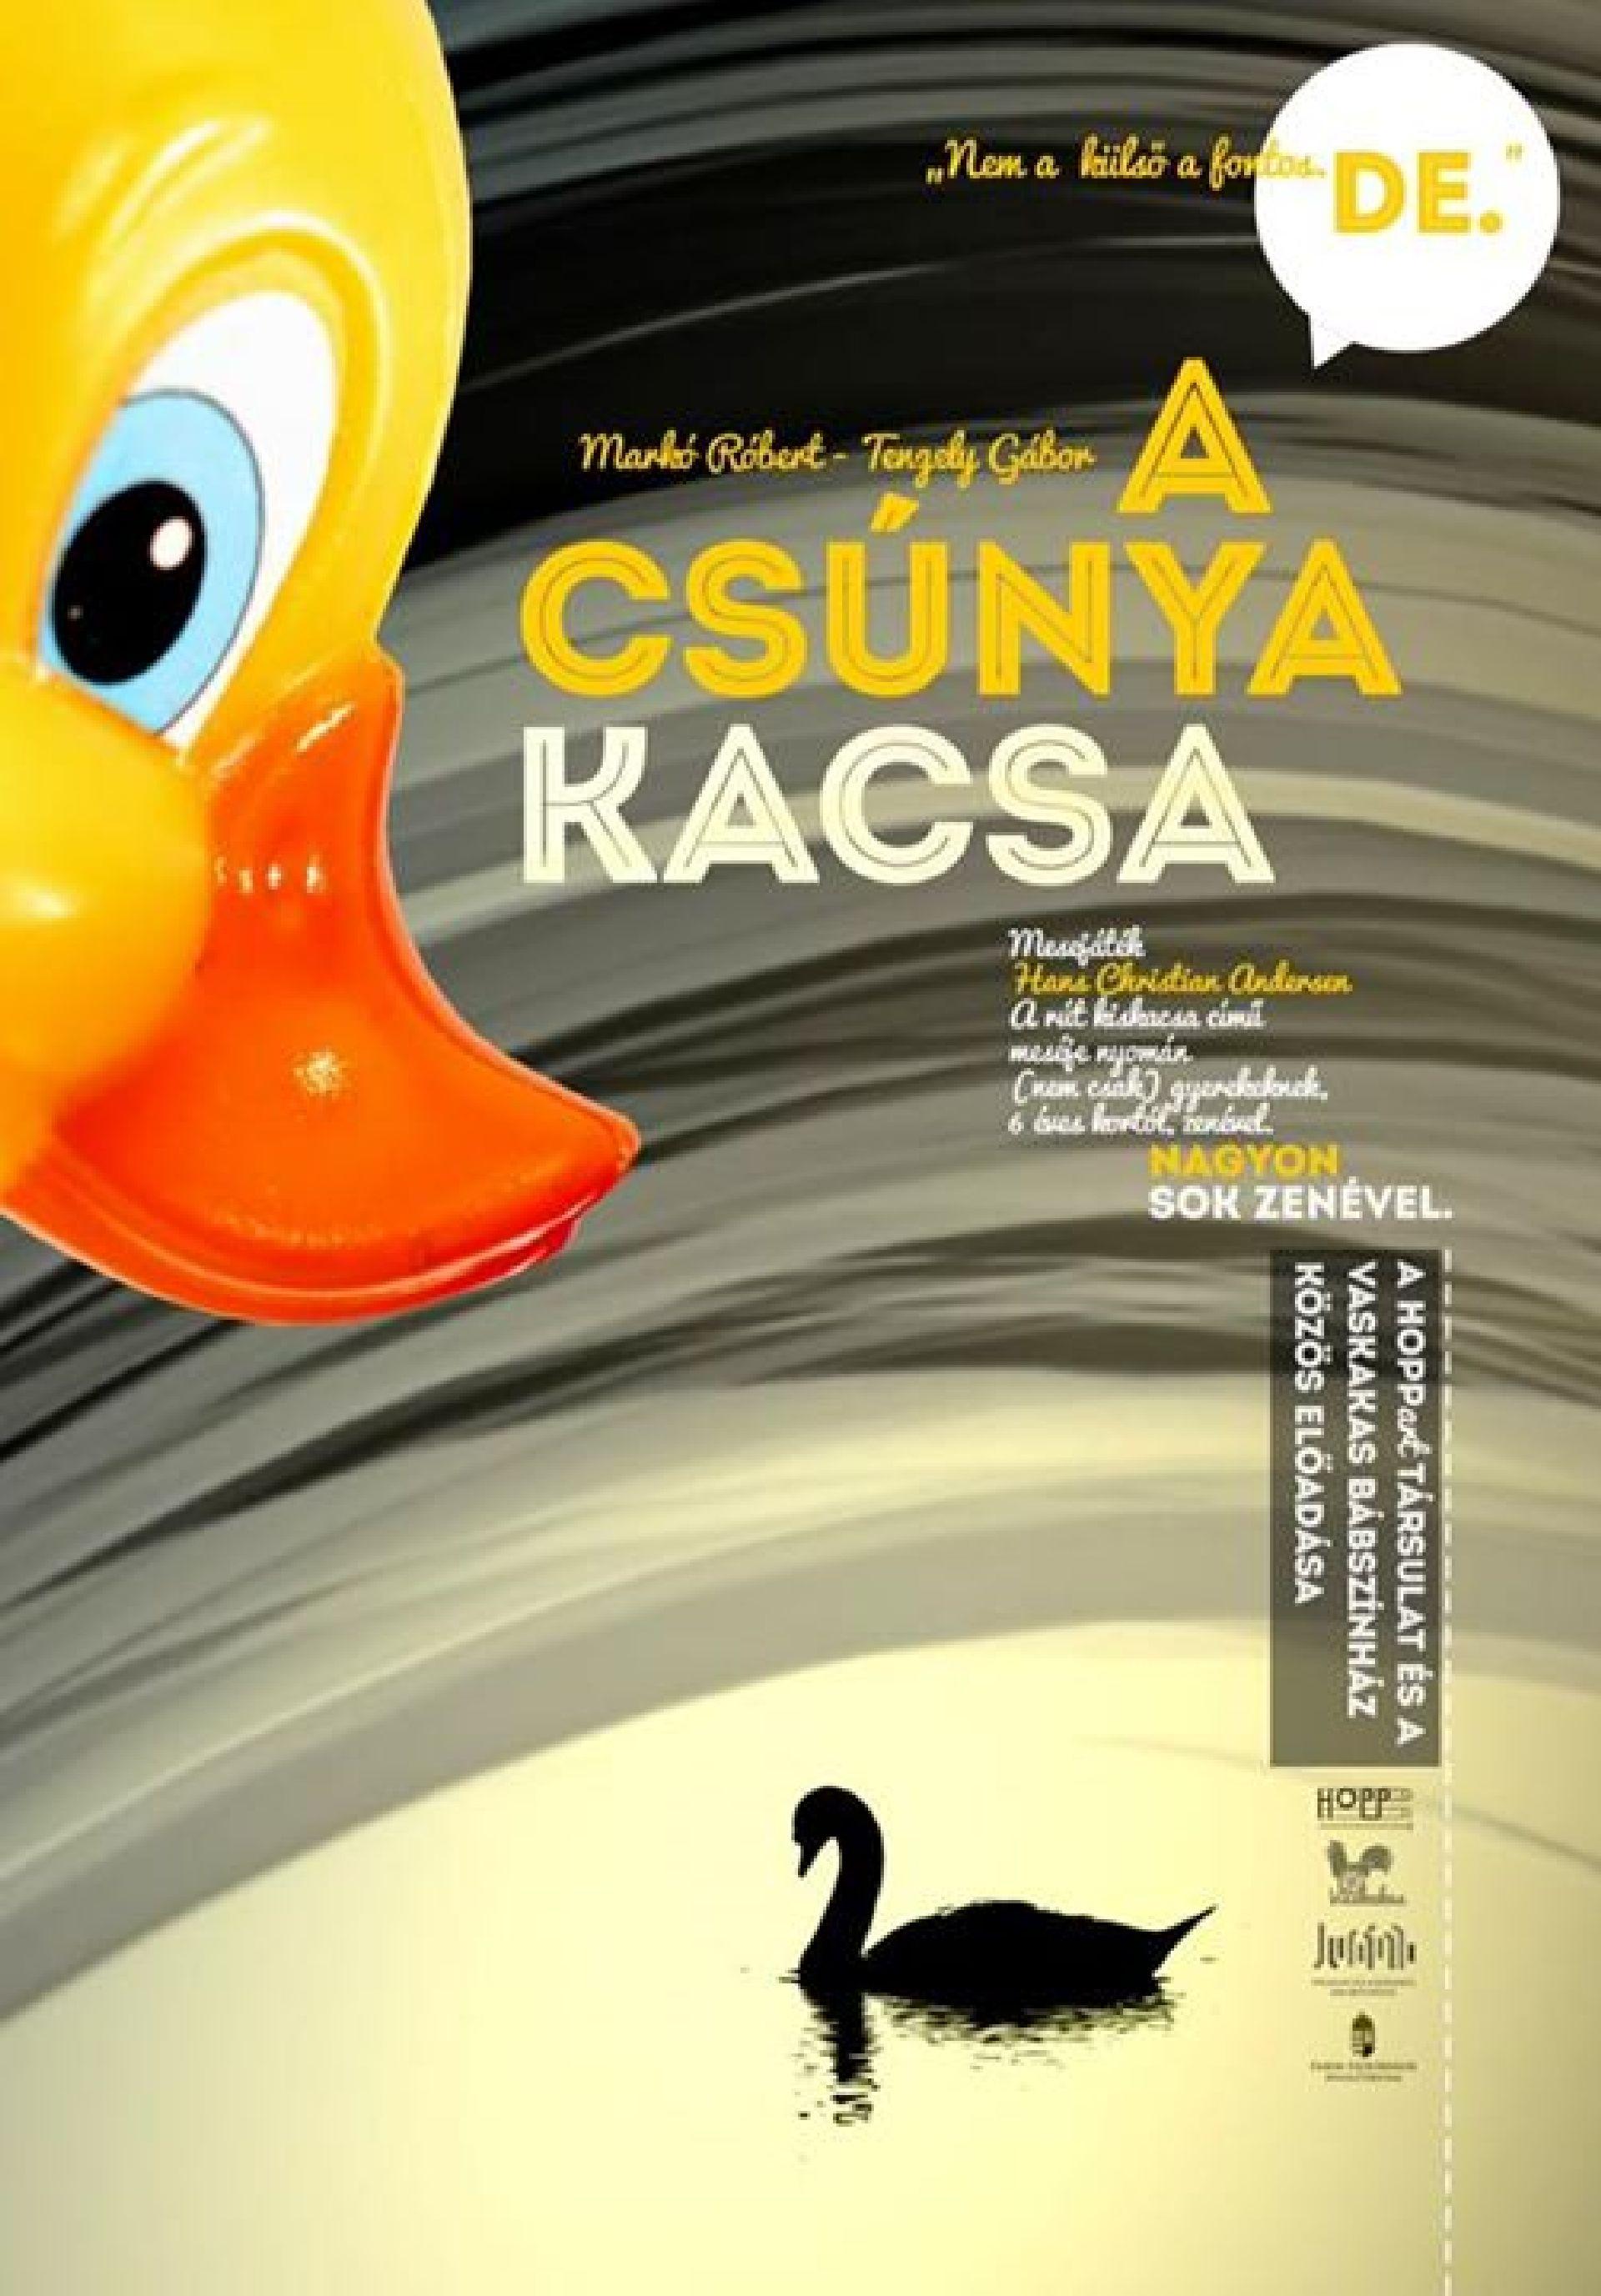 A csúnya kacsa (6 éves kortól) - HOPPart Társulat - Vaskakas Bábszínház: